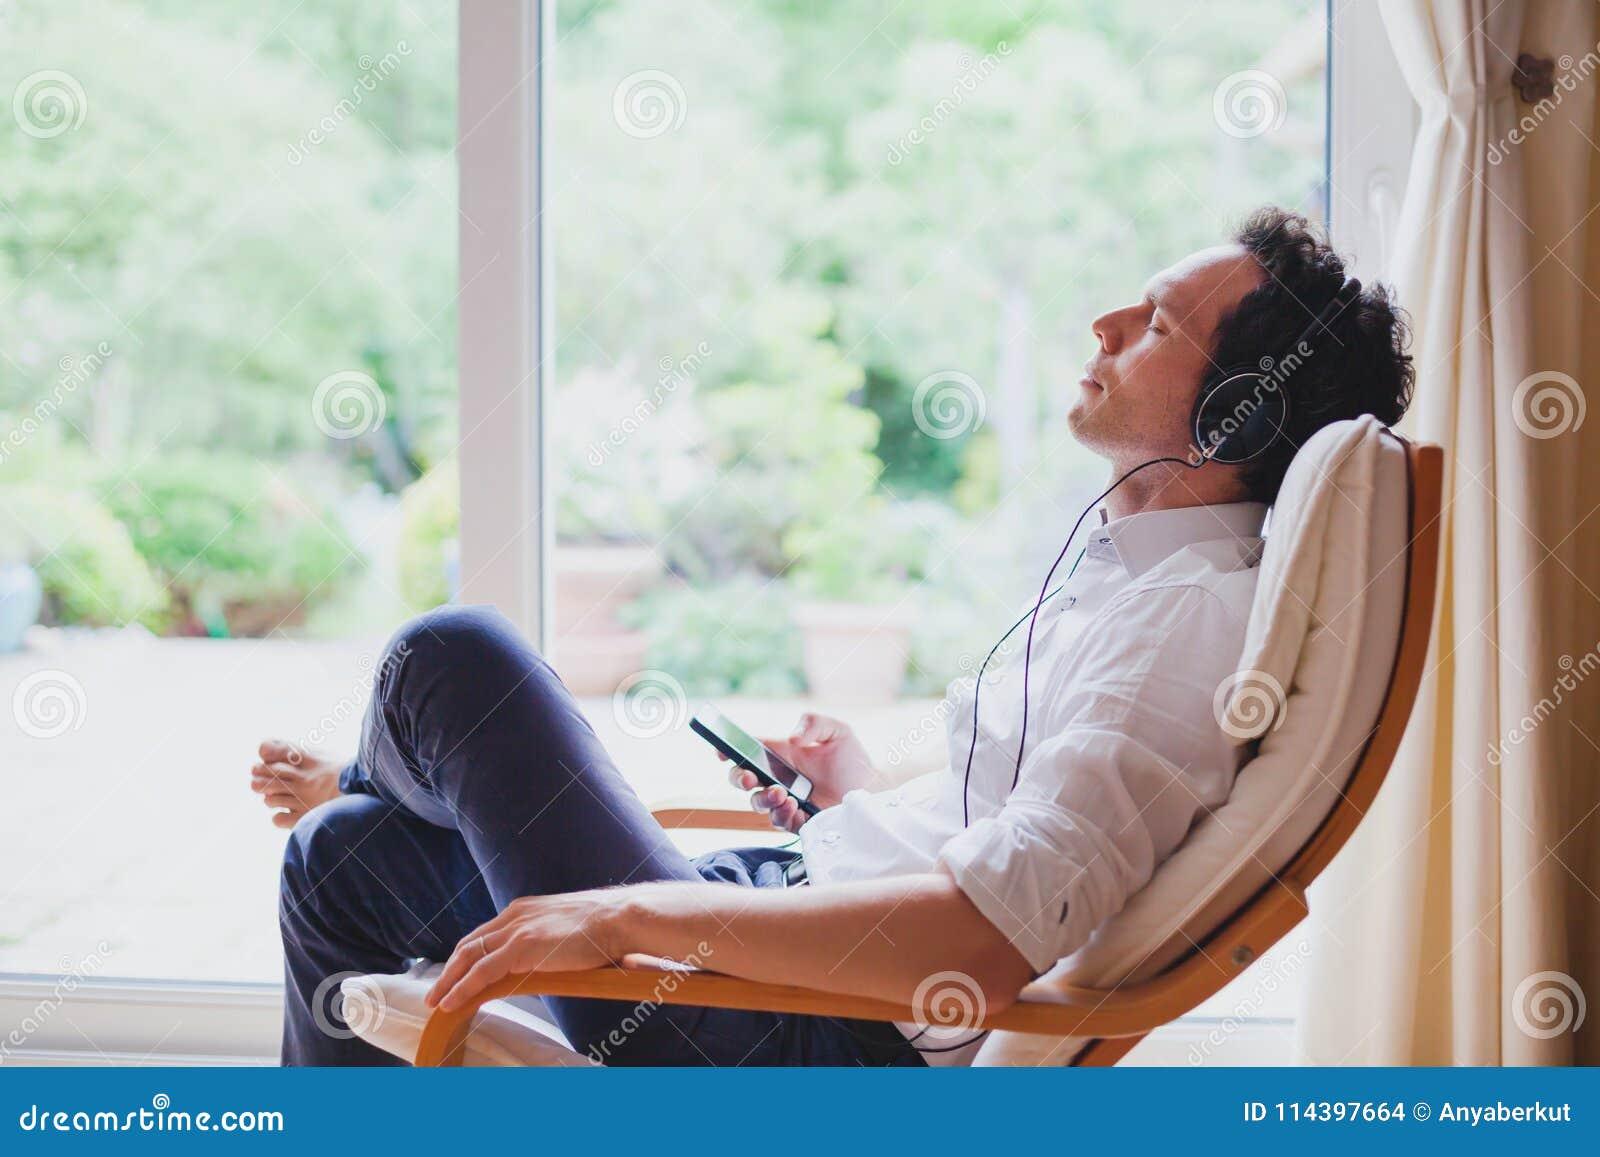 Слушая расслабляющая музыка дома, расслабленный человек в наушниках сидя в шезлонге